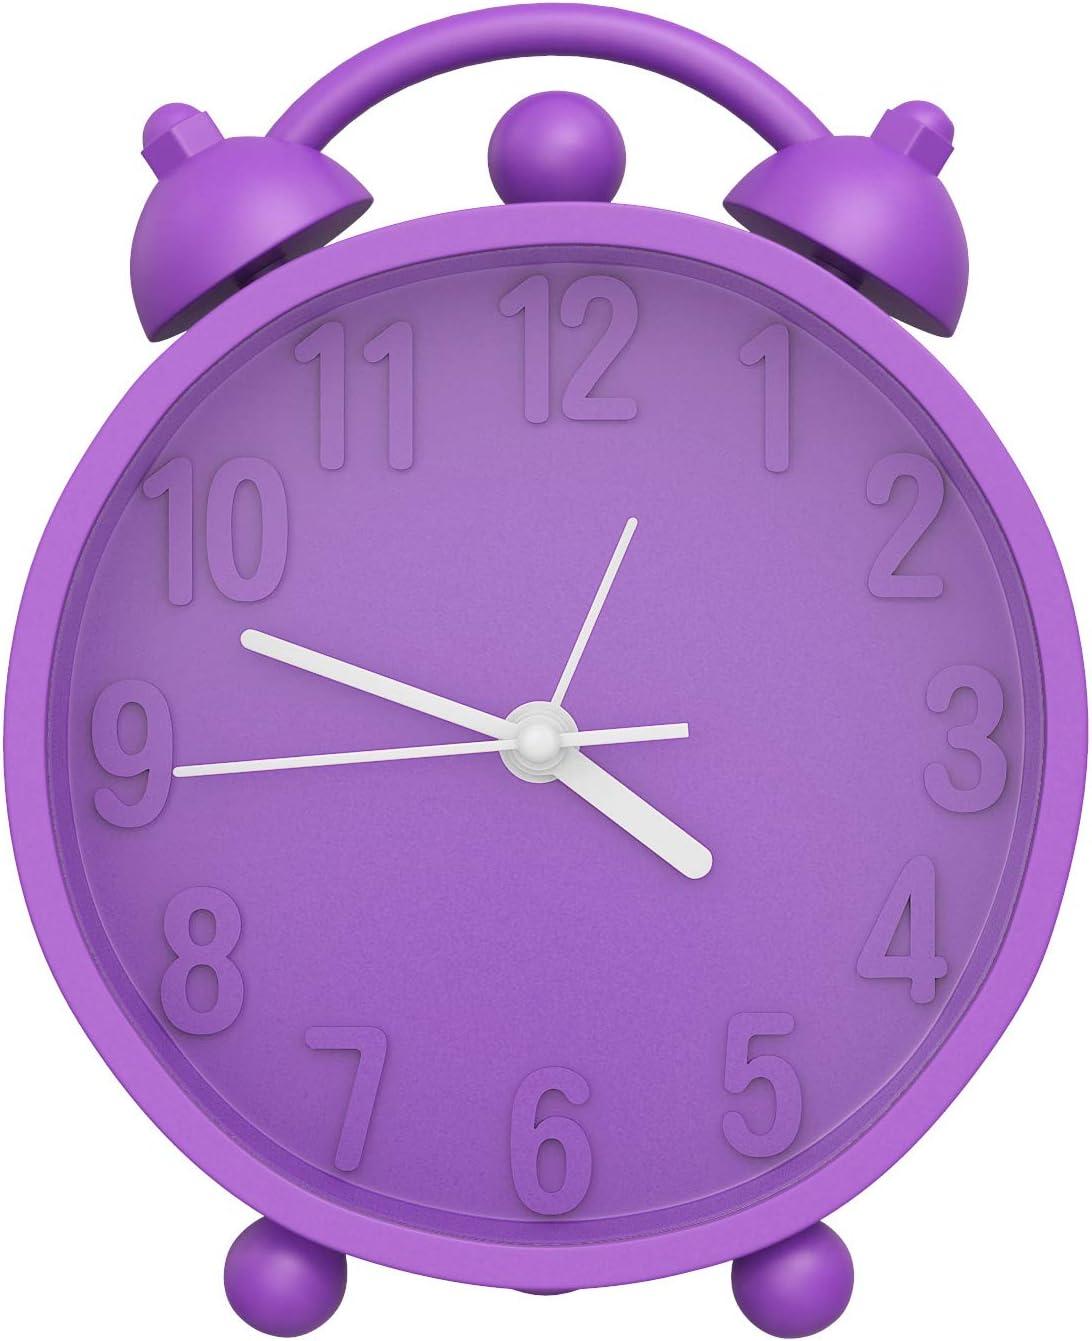 MoKo Despertador de Doble Campana, Alarma Digital Clásicos de Silicona Suave de Escritorio, Alimentado por Batería(No Incluido) - Morado